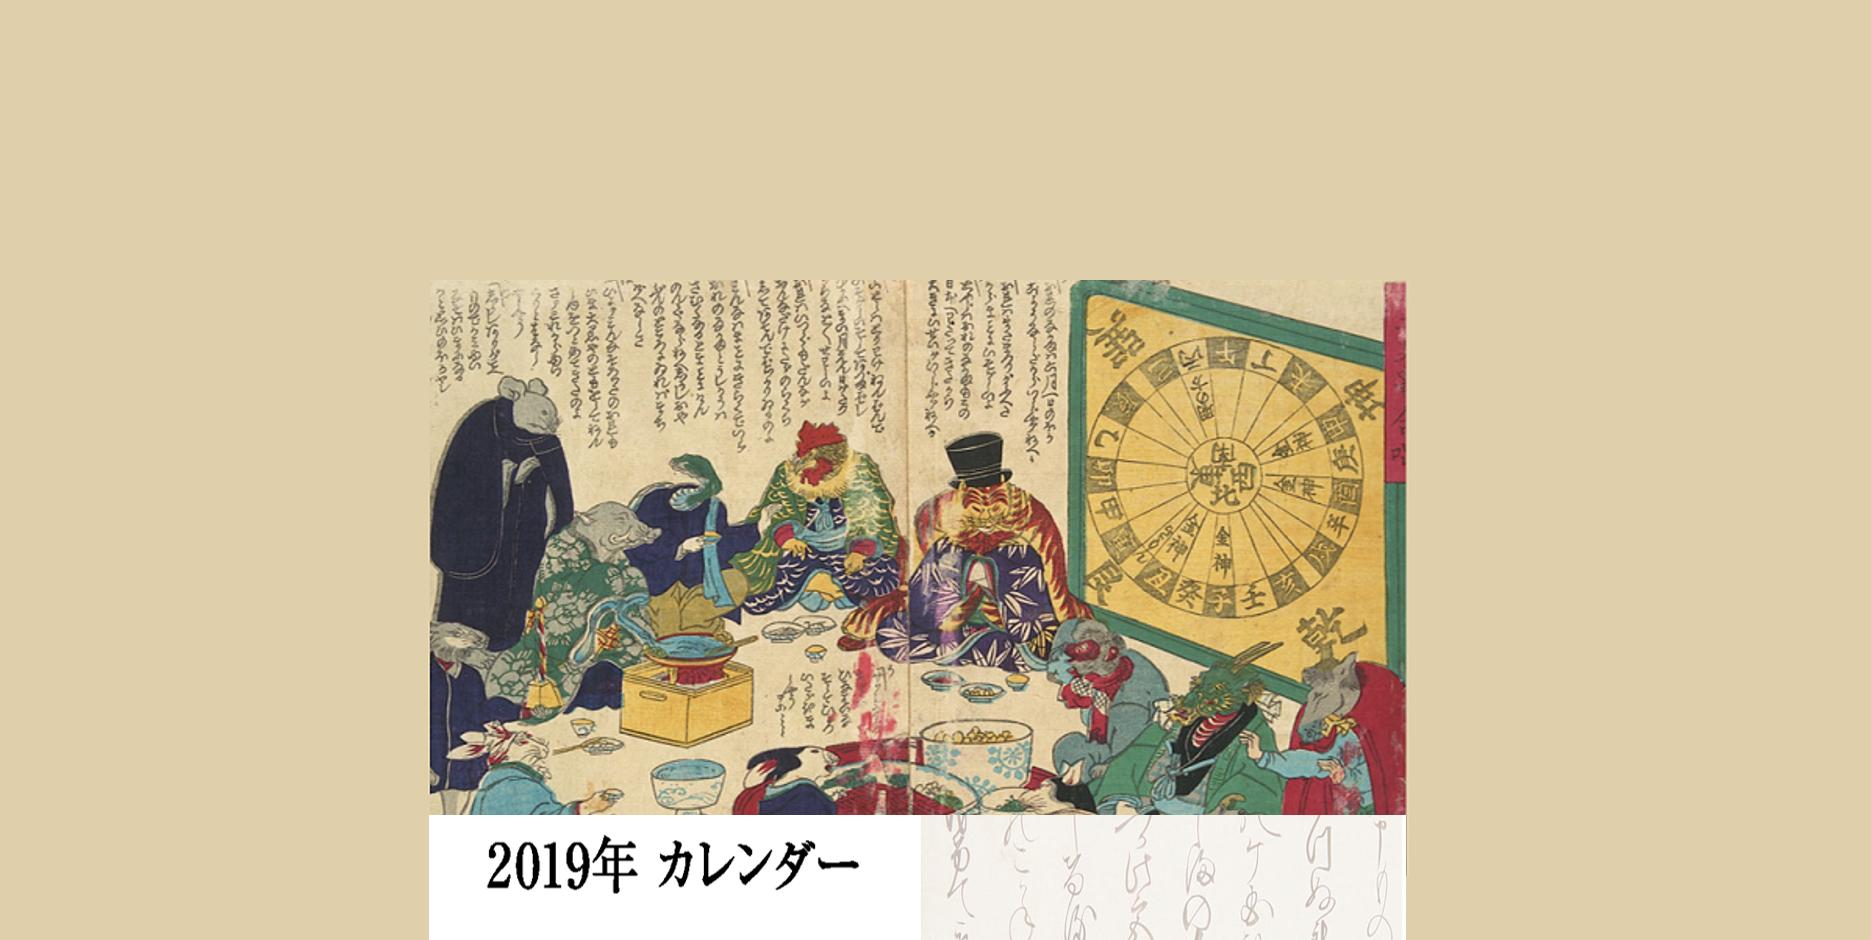 2019年国文学研究資料館カレンダー